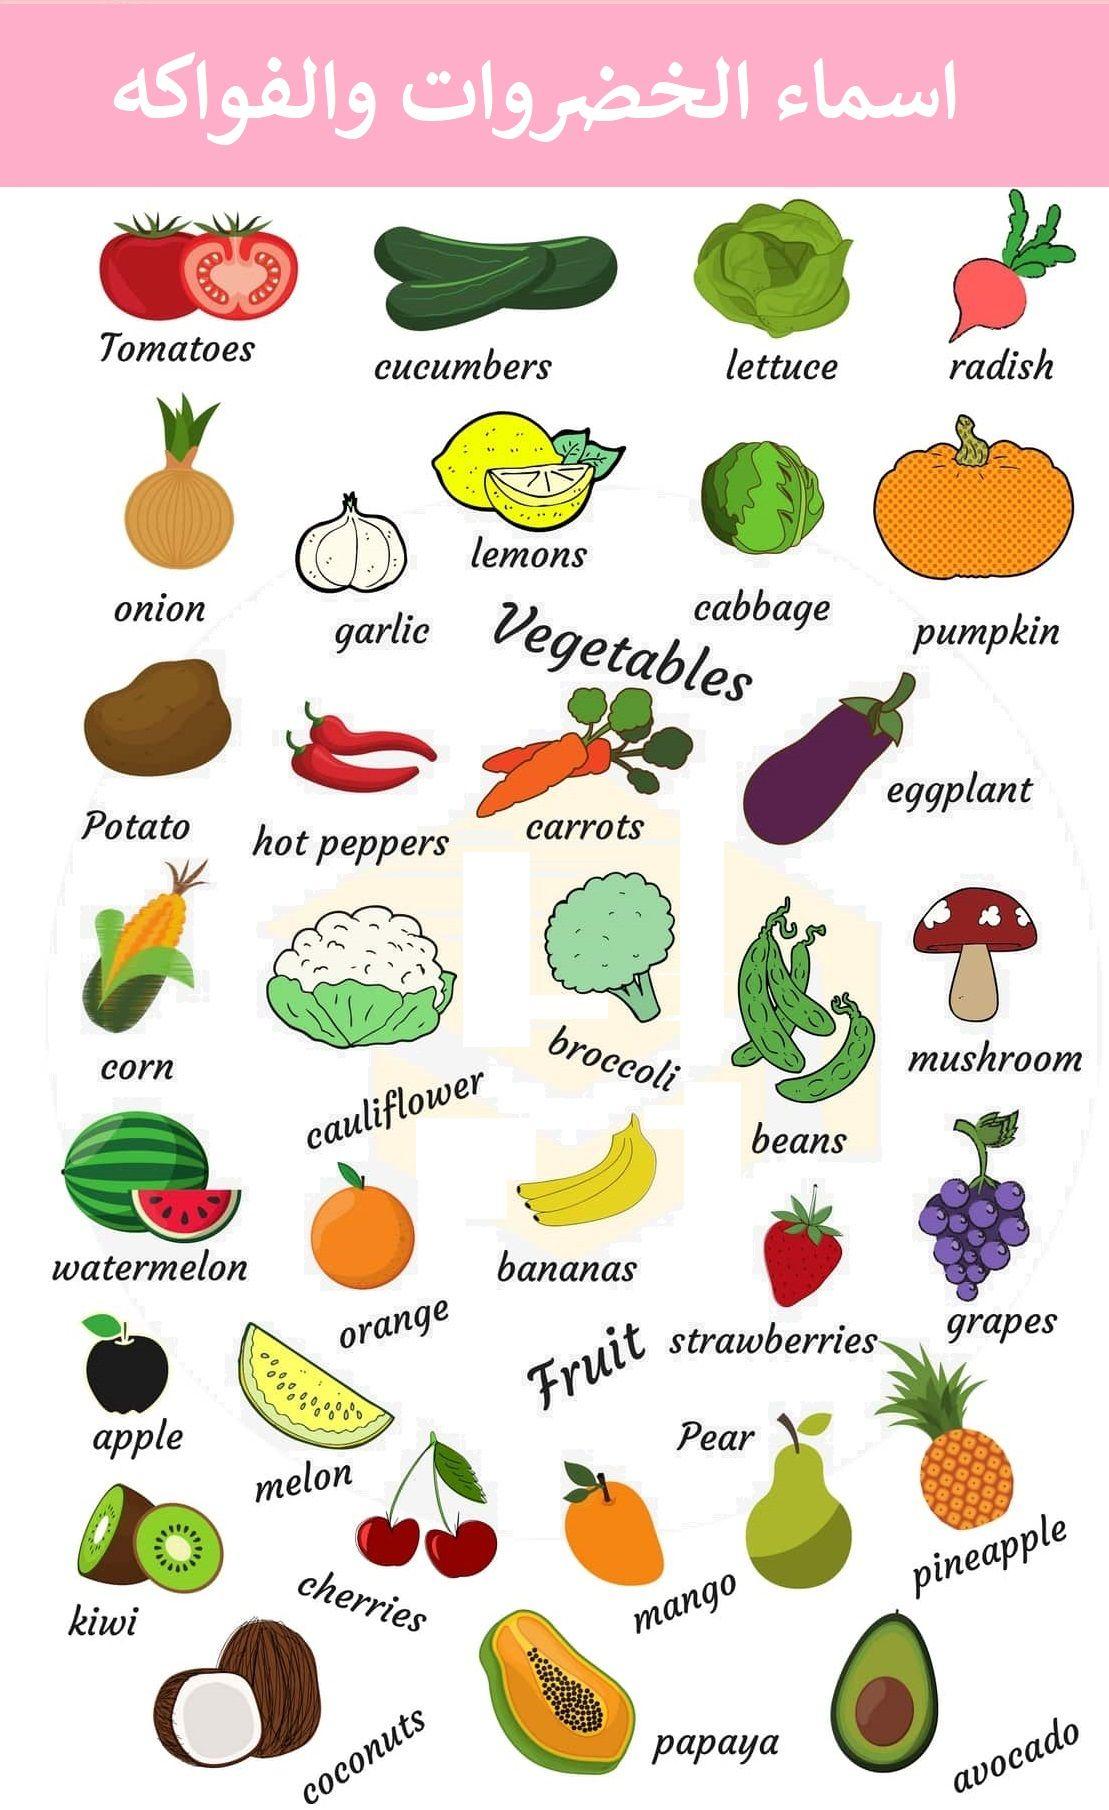 اسماء الخضروات والفواكه بالانجليزية Learning English For Kids English Vocabulary Learn English